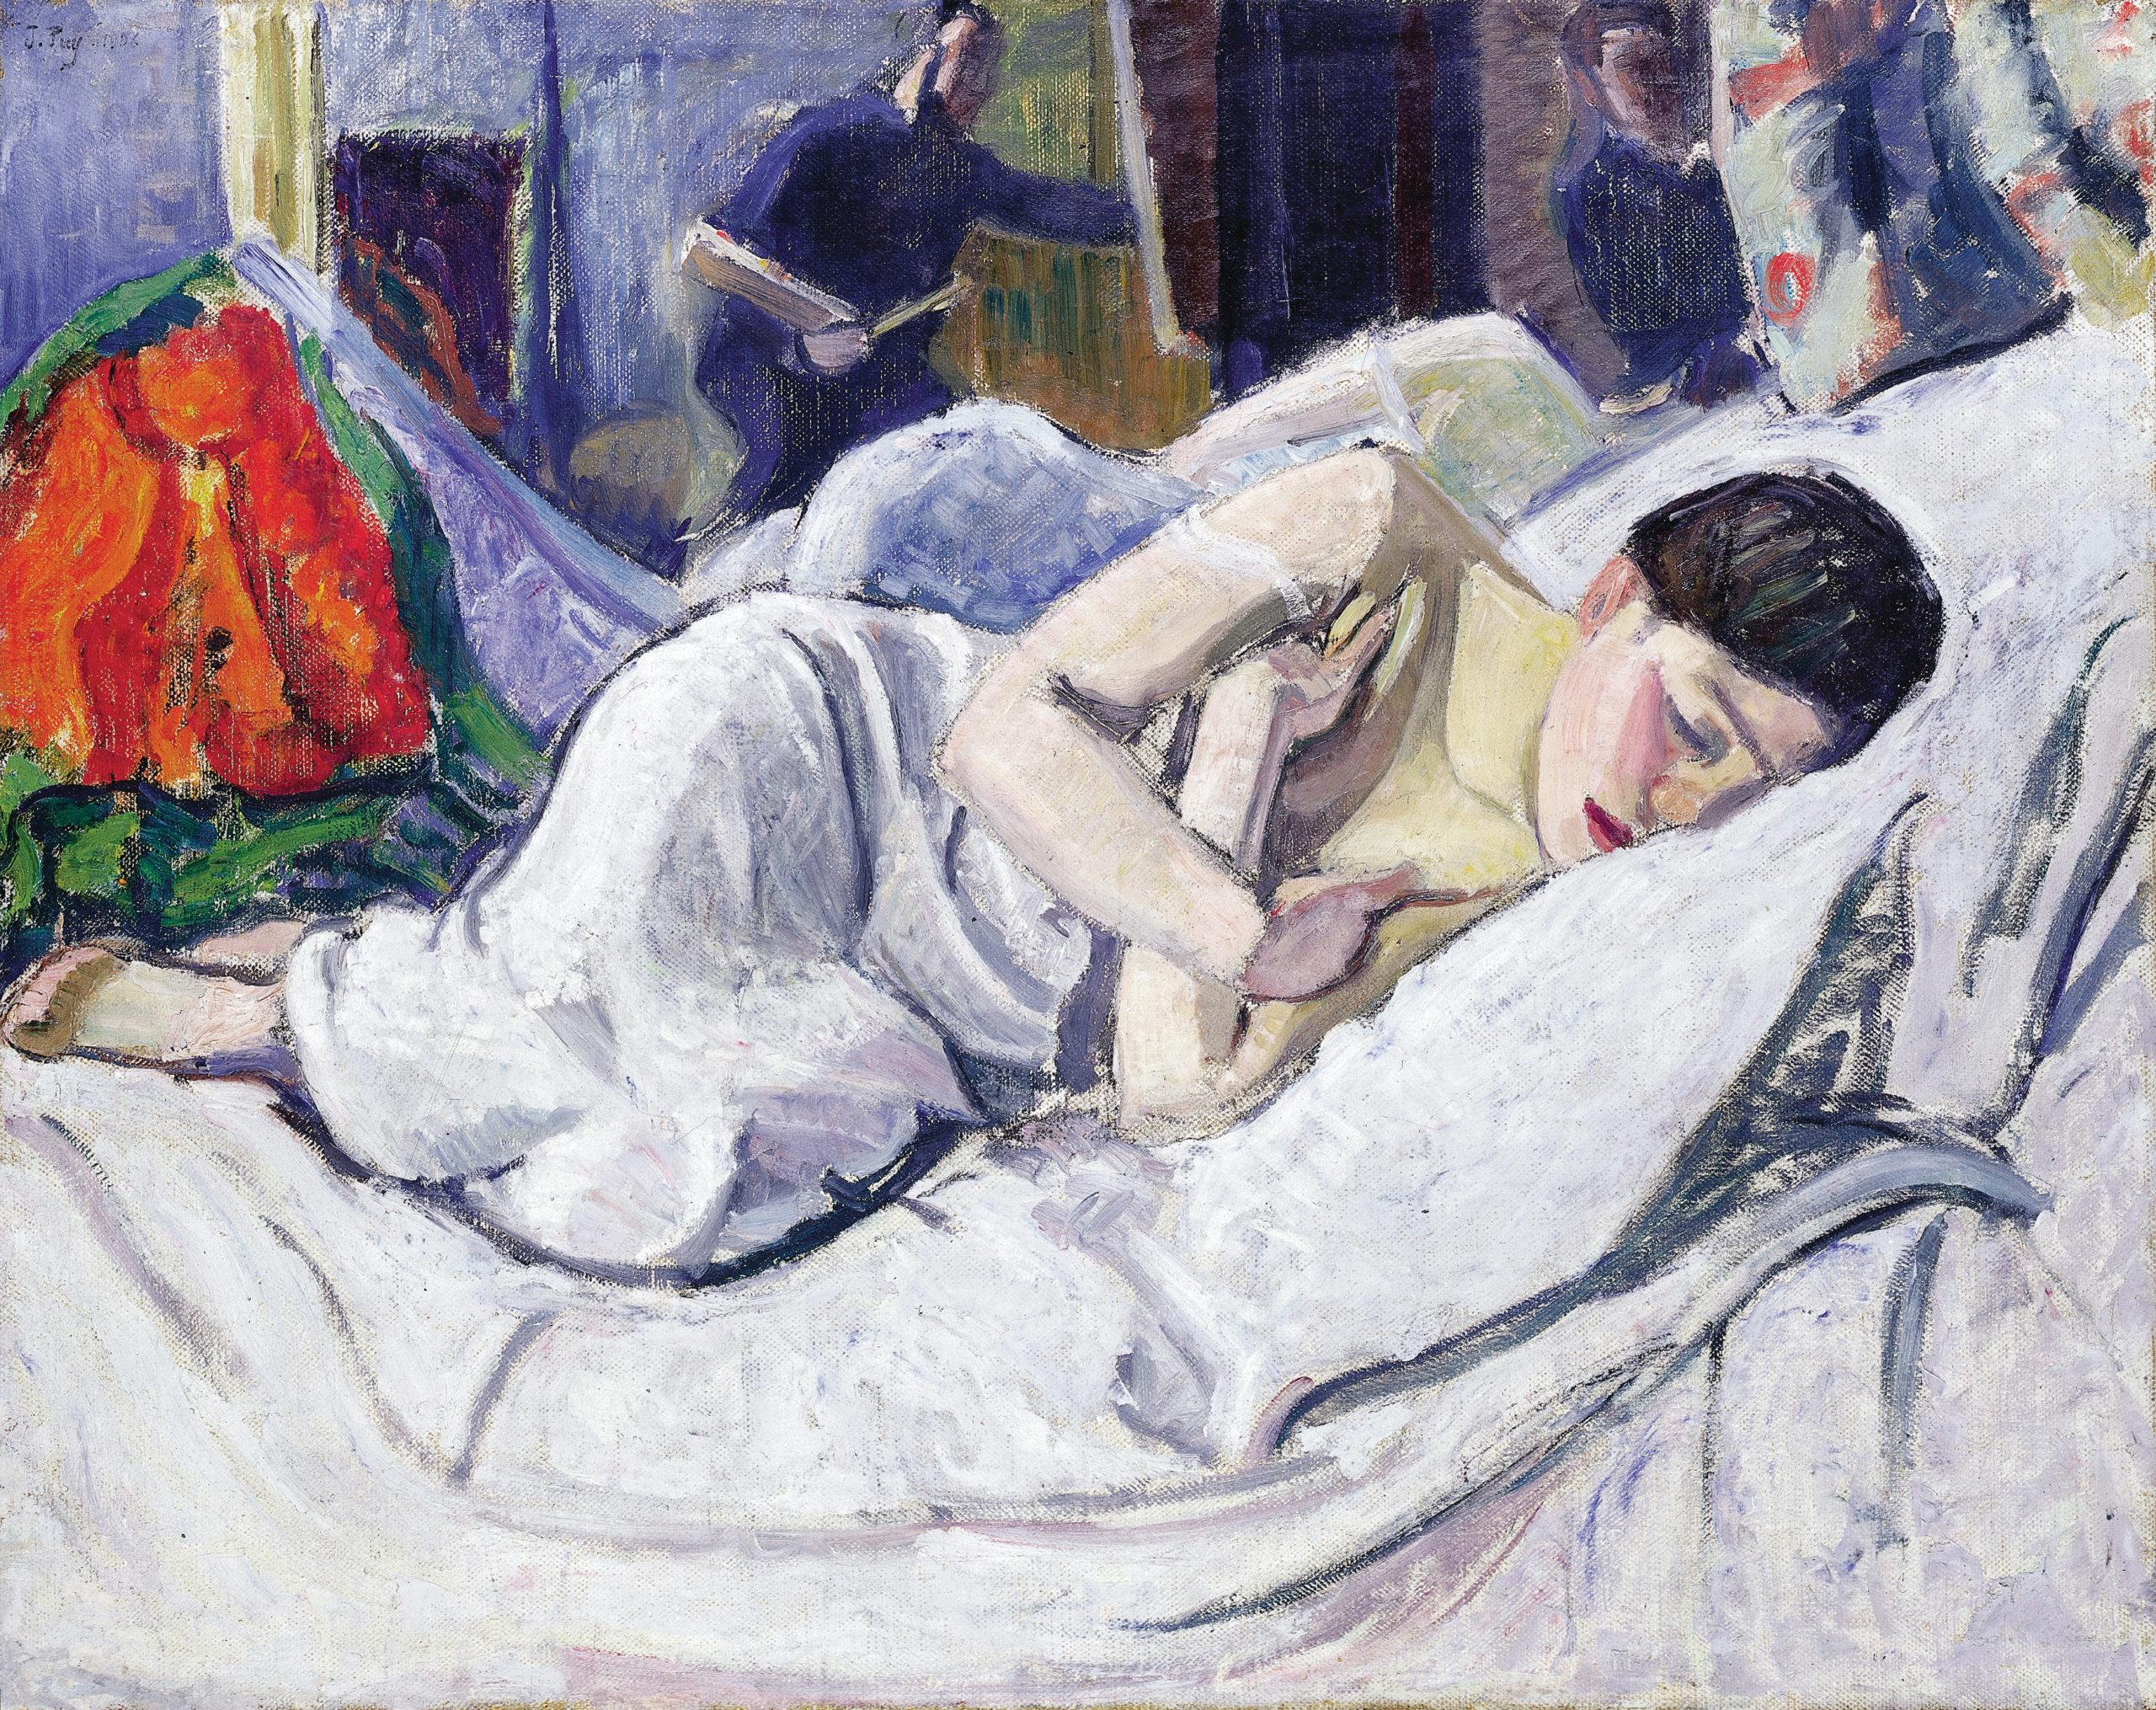 Petite Faunesse dormant, 1906, Huile sur toile, 74,5 x 94,5 cm, collection Paul Dini